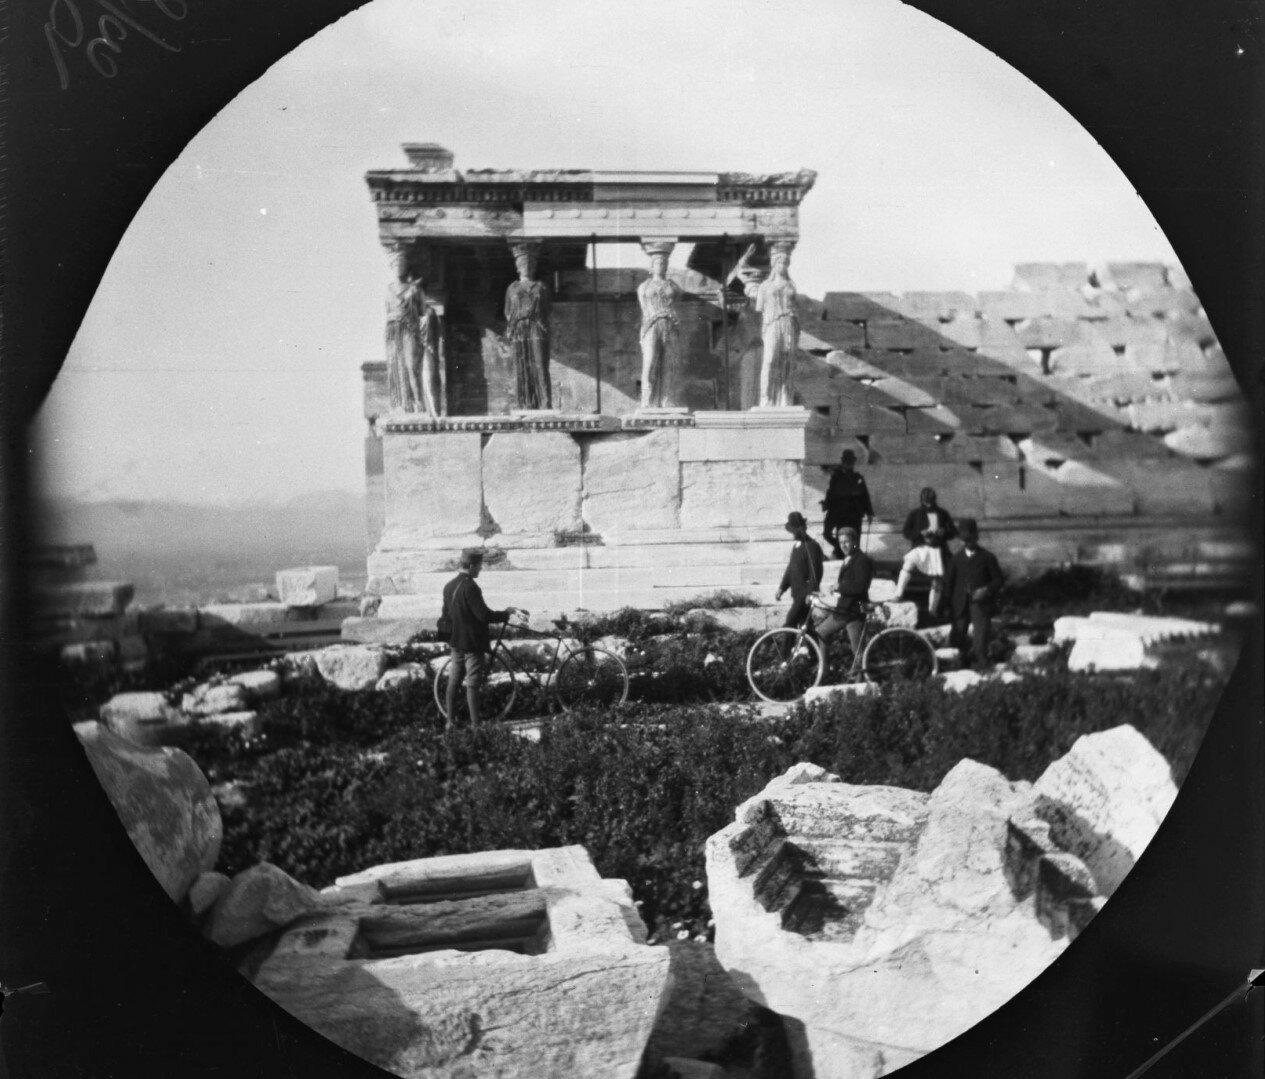 Уильям Захтлебен, Томас Ален, охранник Акрополя и трое других возле портика с кариатидами Эрехтейона